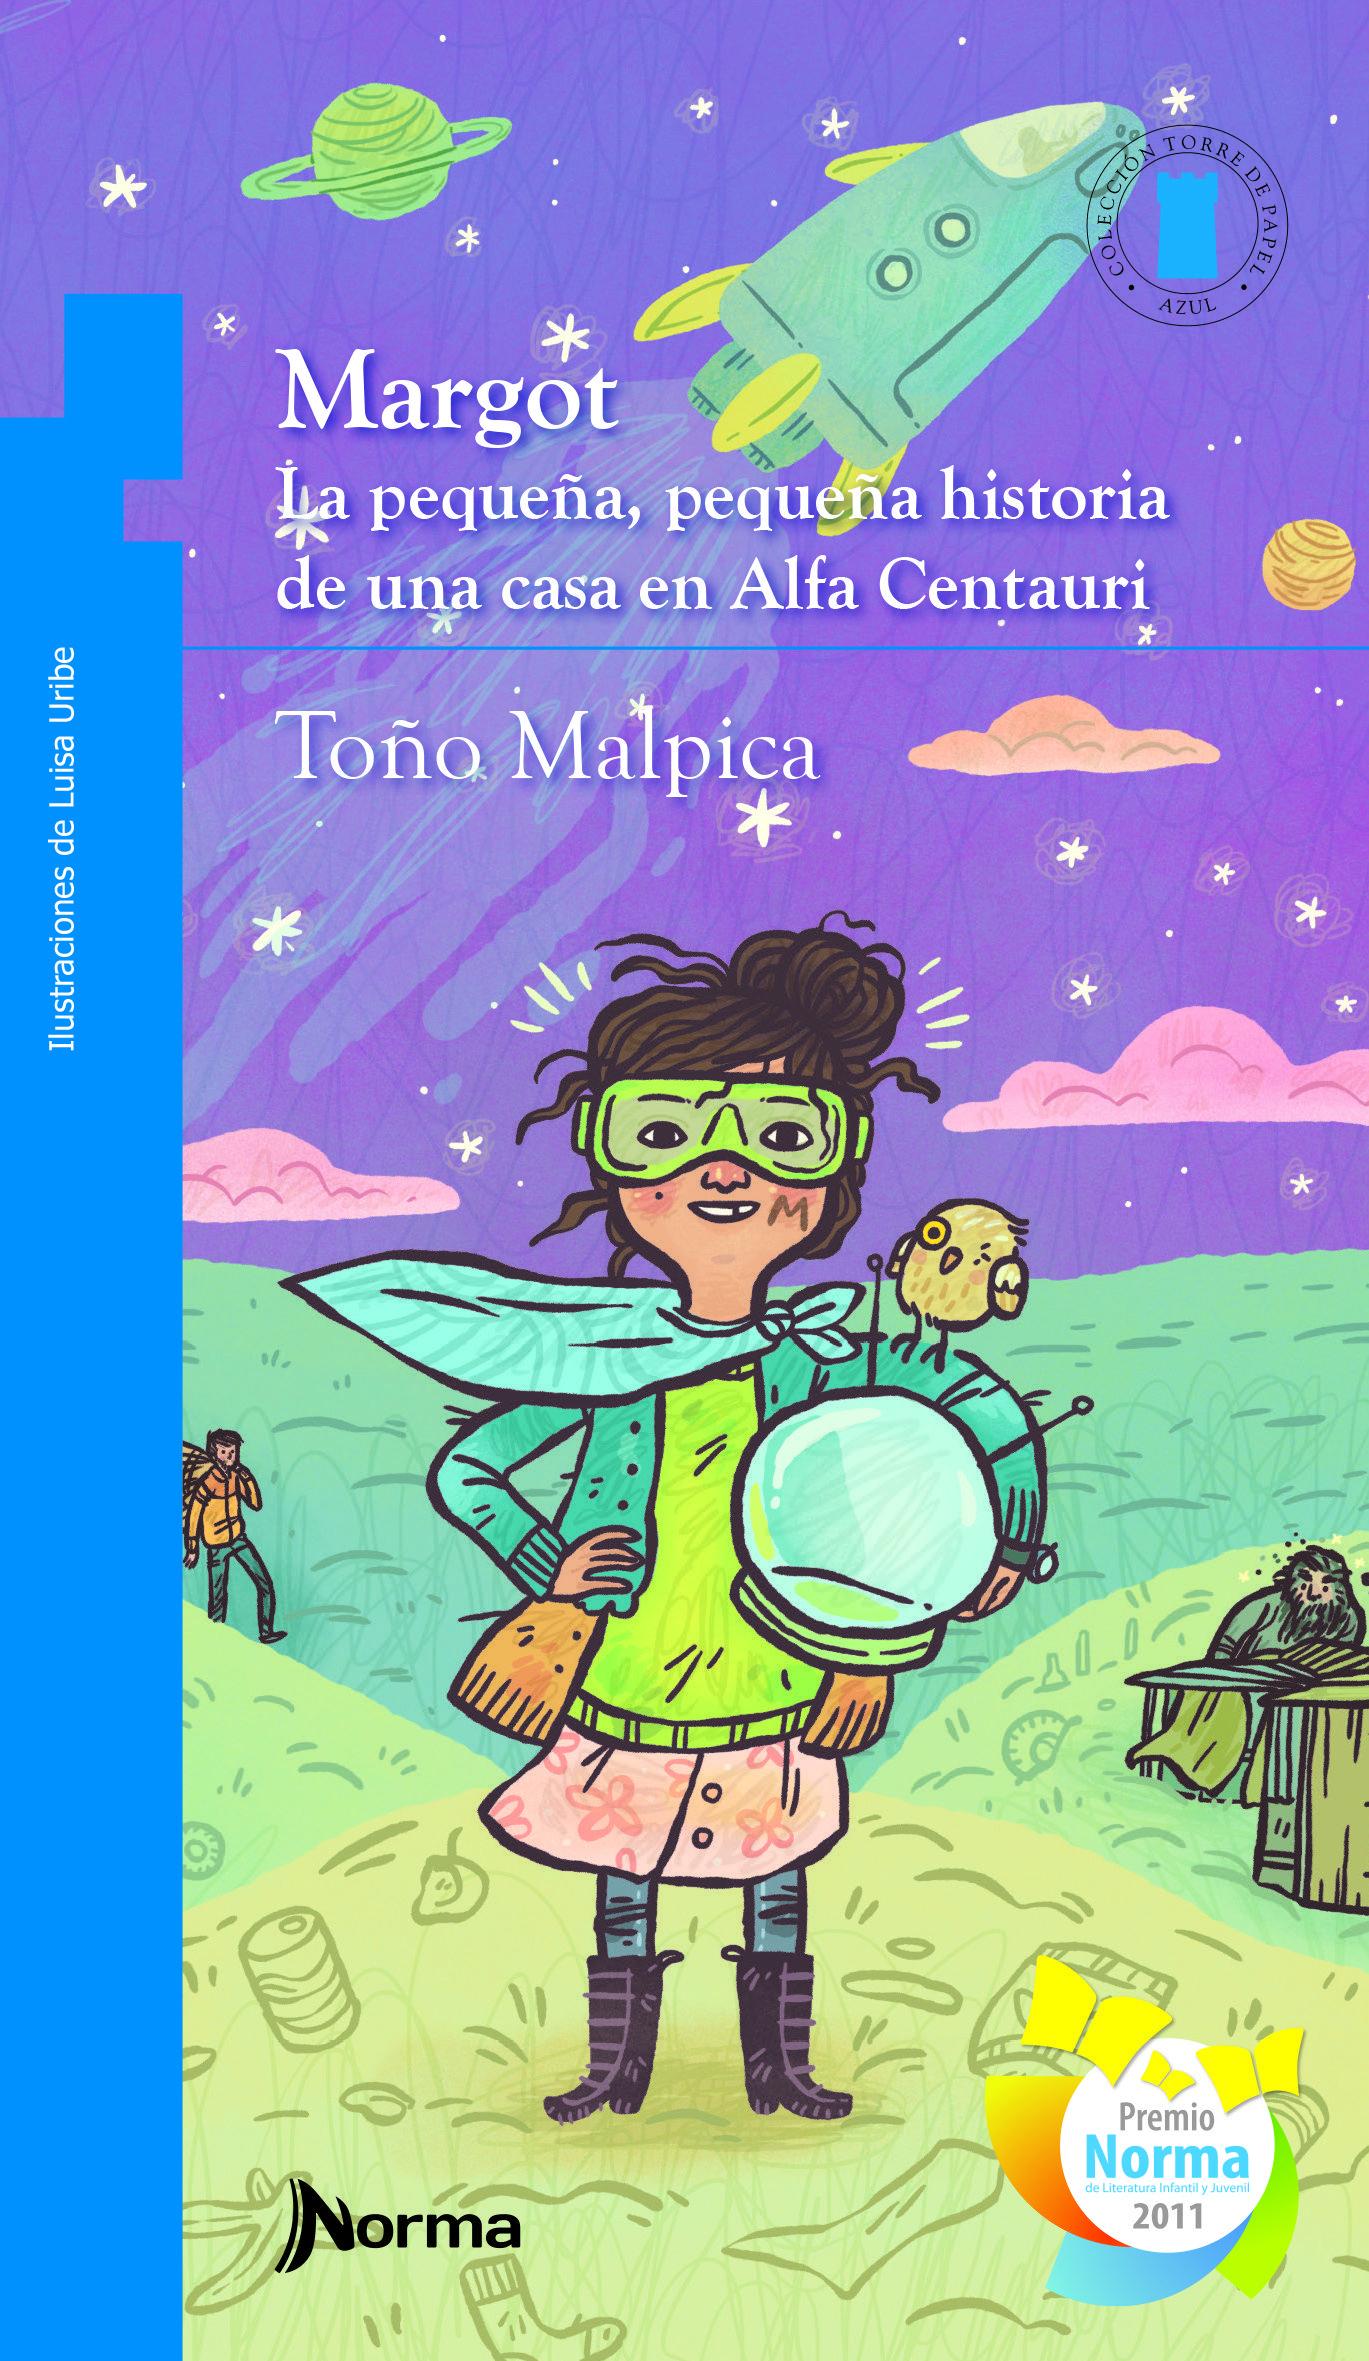 Margot La Pequeña Pequeña Historia De Una Casa En Alfa Centauri De Antonio Malpica Editorial Norma Historias Para Niños Libros Para Niños Historia